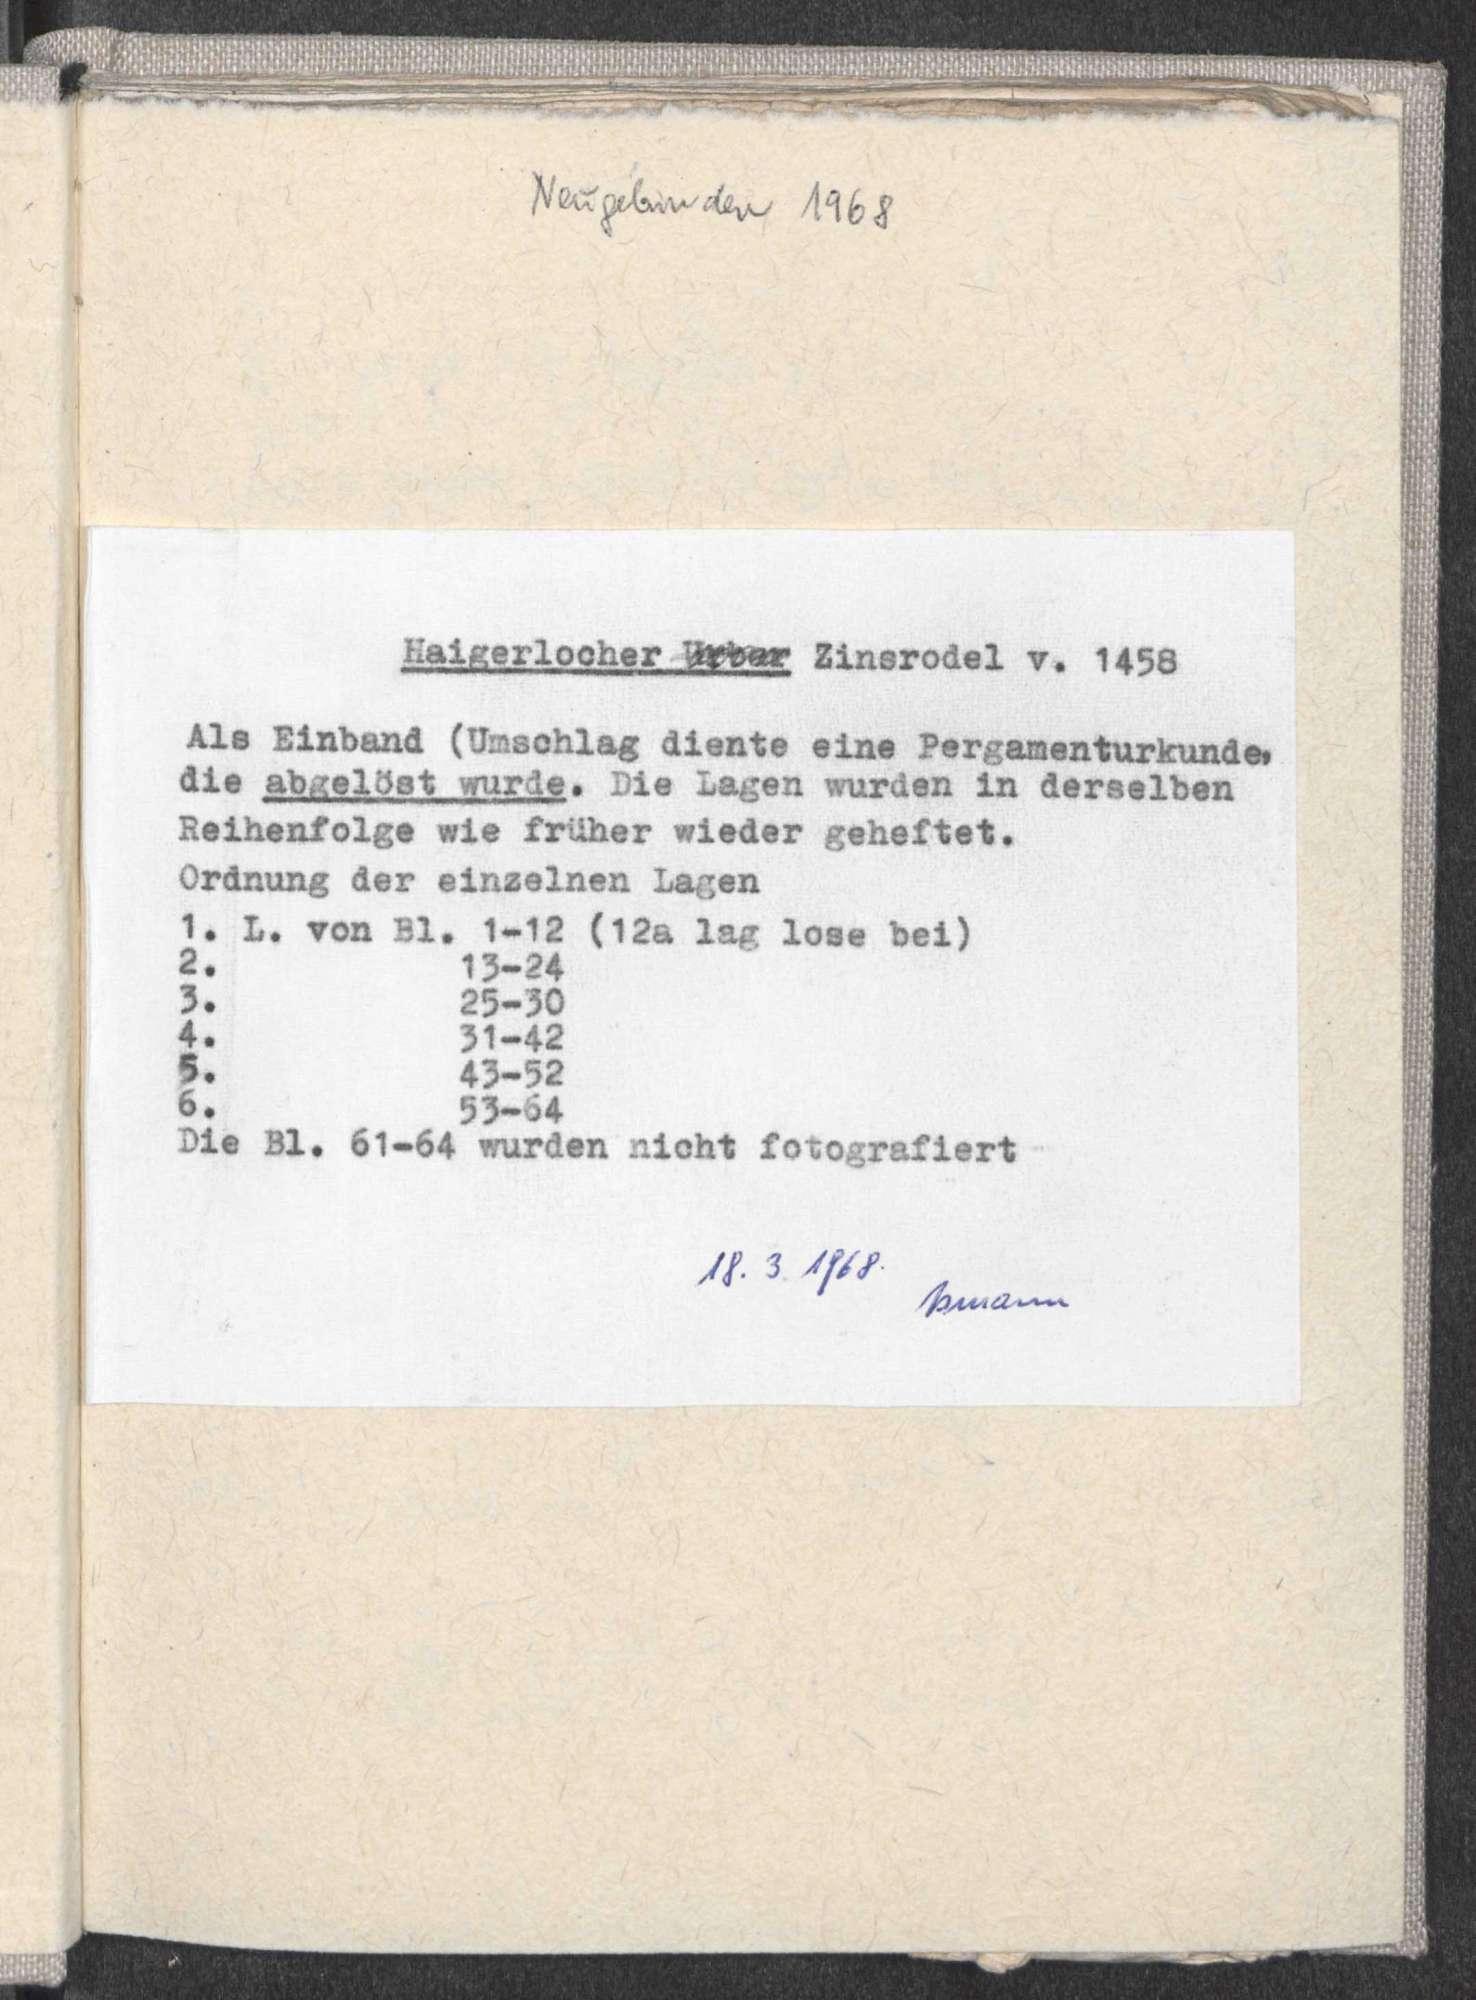 """Zinsrodel der Herrschaft Haigerloch; den Umschlag bildet ein Leibledigungs-Brief des """"Kostmann"""" von Wiesenstetten für 12 fl. durch Friedrich von Weitingen (""""Witingen ein Edelmann""""); im Kontexte ist auch Stetten das Kloster erwähnt, Bild 3"""